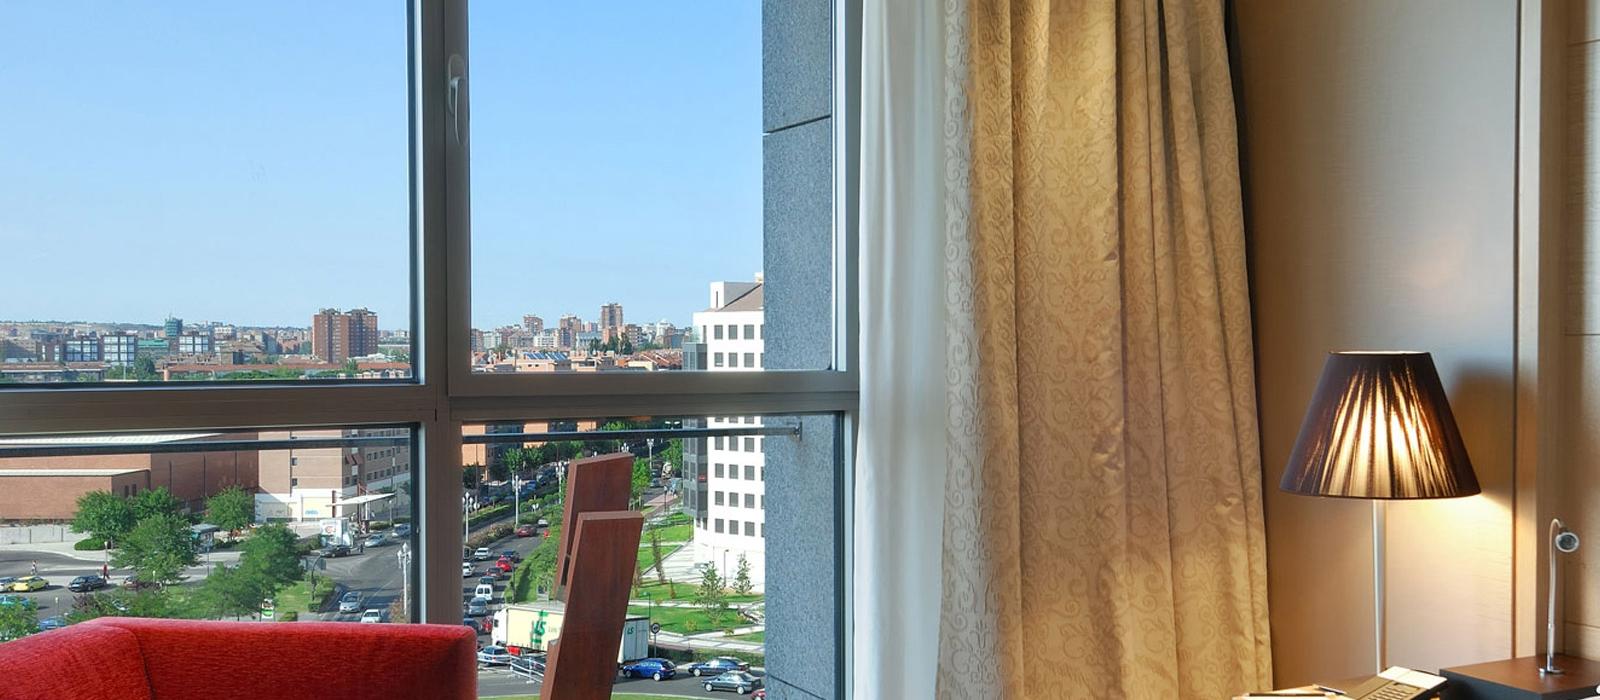 Superior Zimmer. Frontaura Hotel Valladolid - Vincci Hoteles